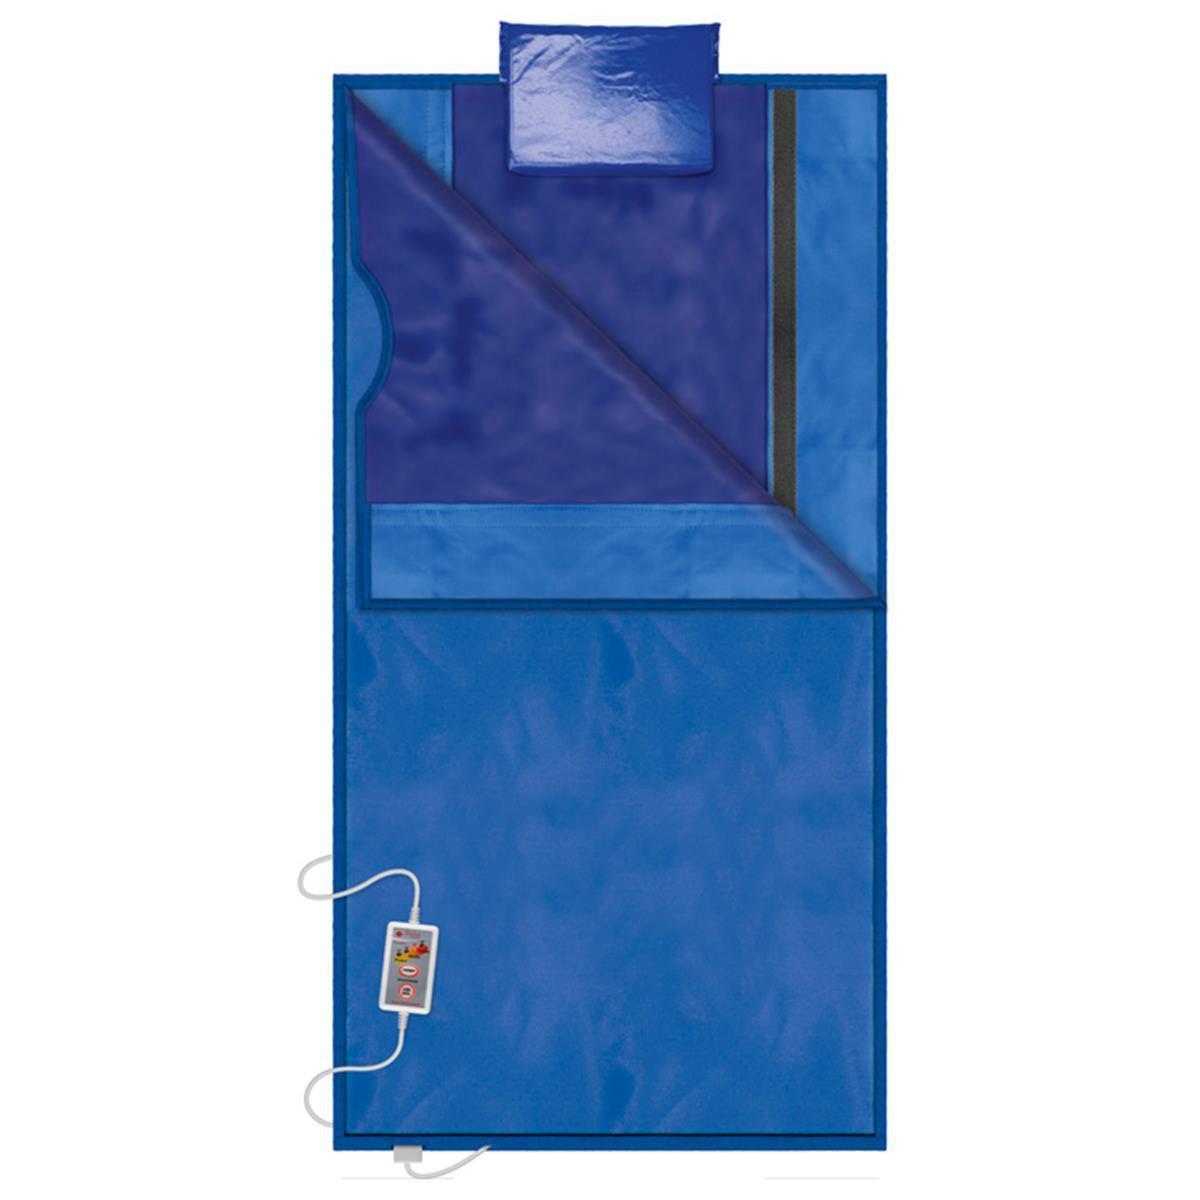 Manta Térmica Saco de Dormir 1,65x2,00/127V - Styllus Term